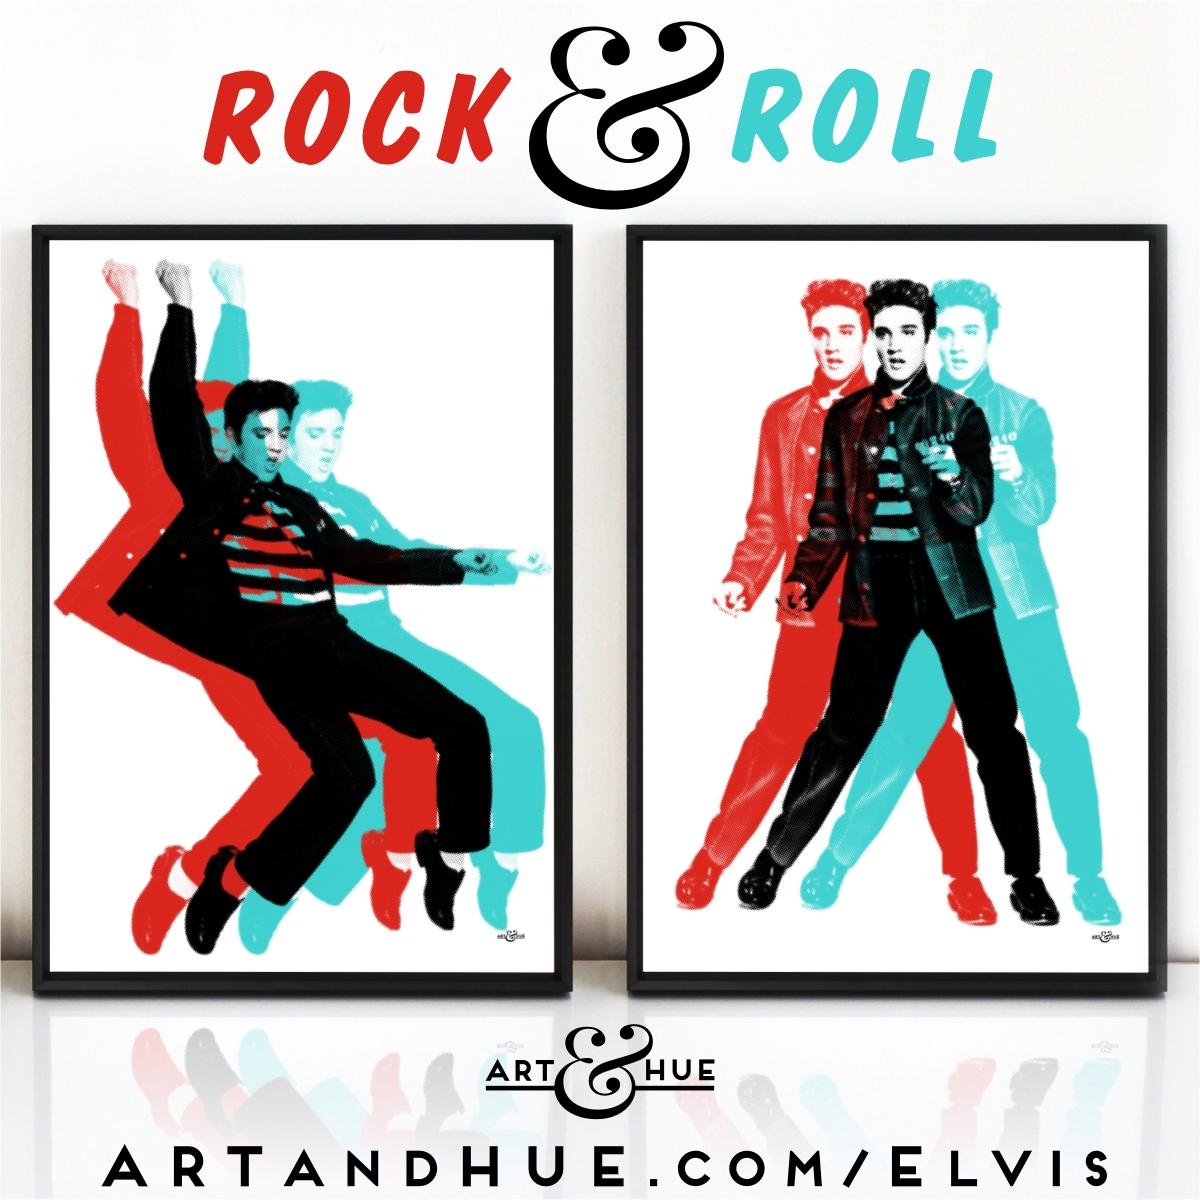 Rock & Roll Pop Art